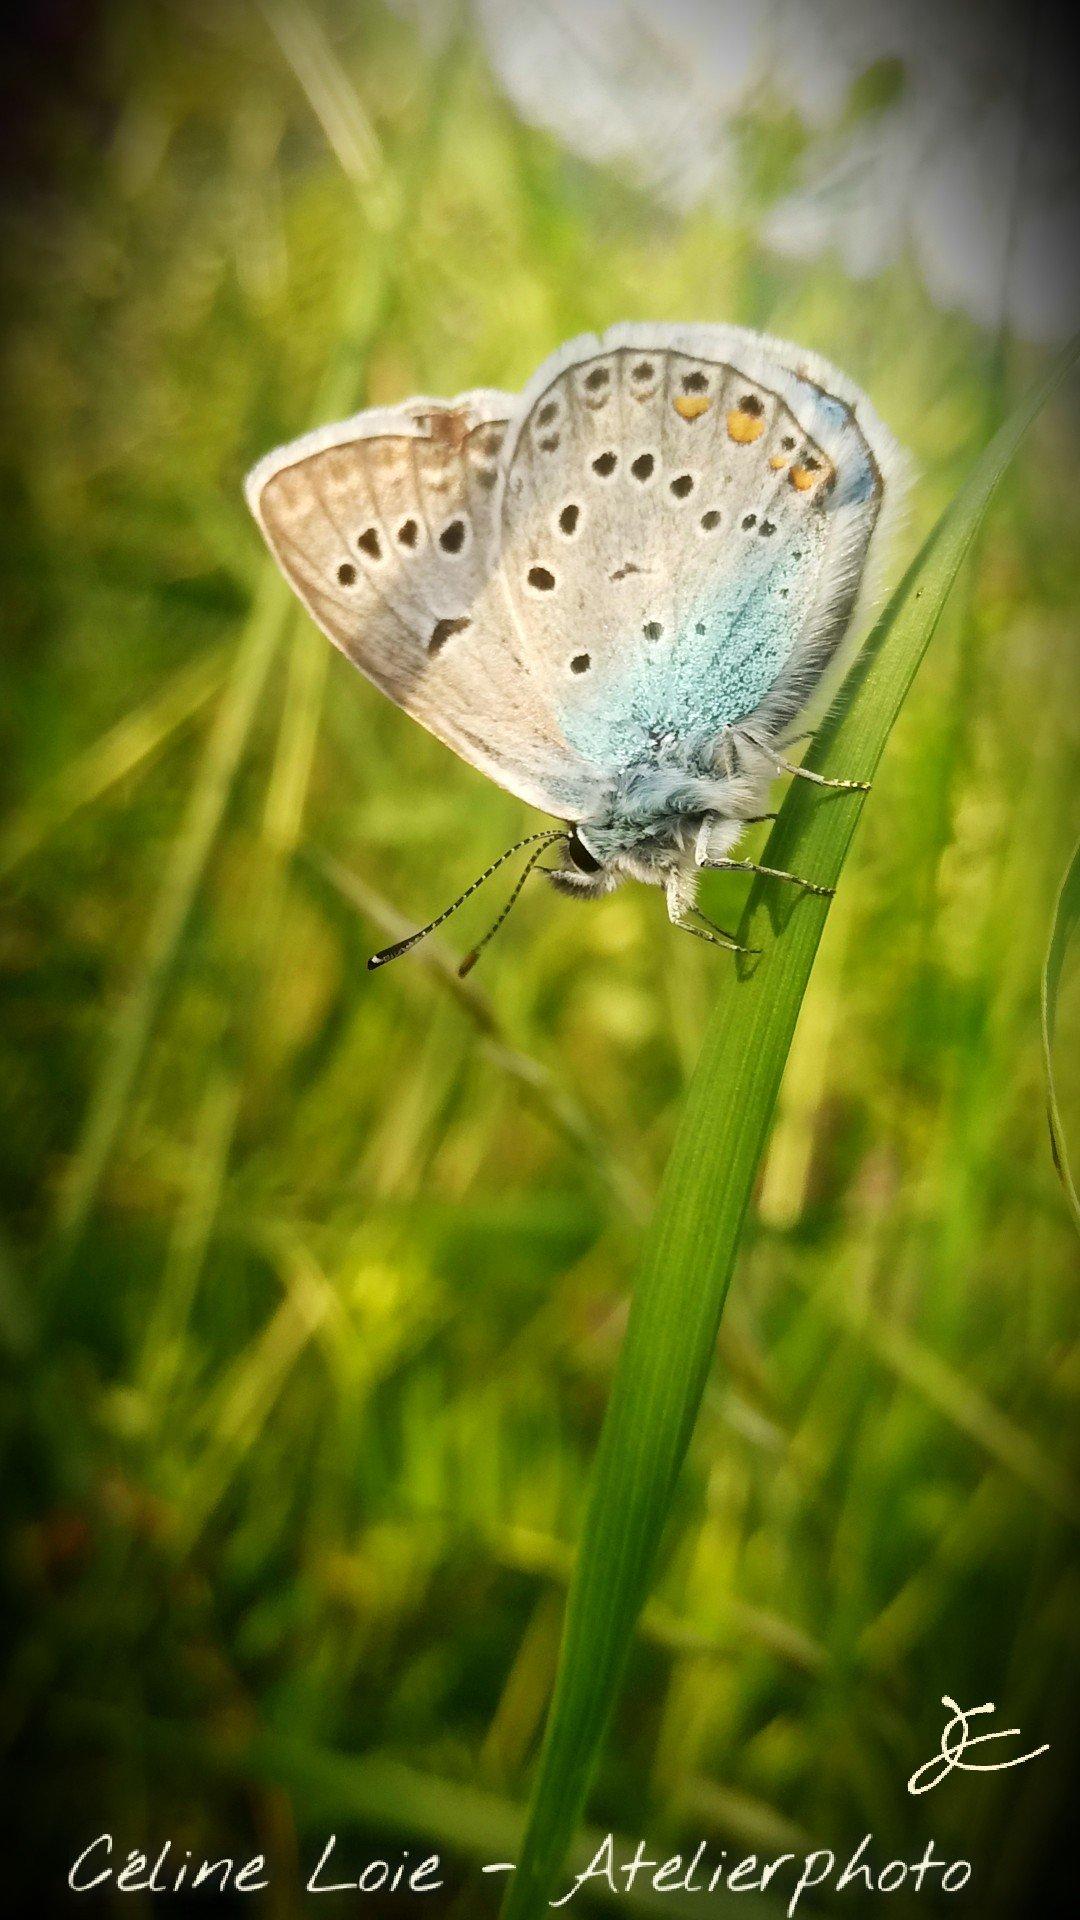 Papillon, macro de nature, Céline Loie, Atelierphoto.net